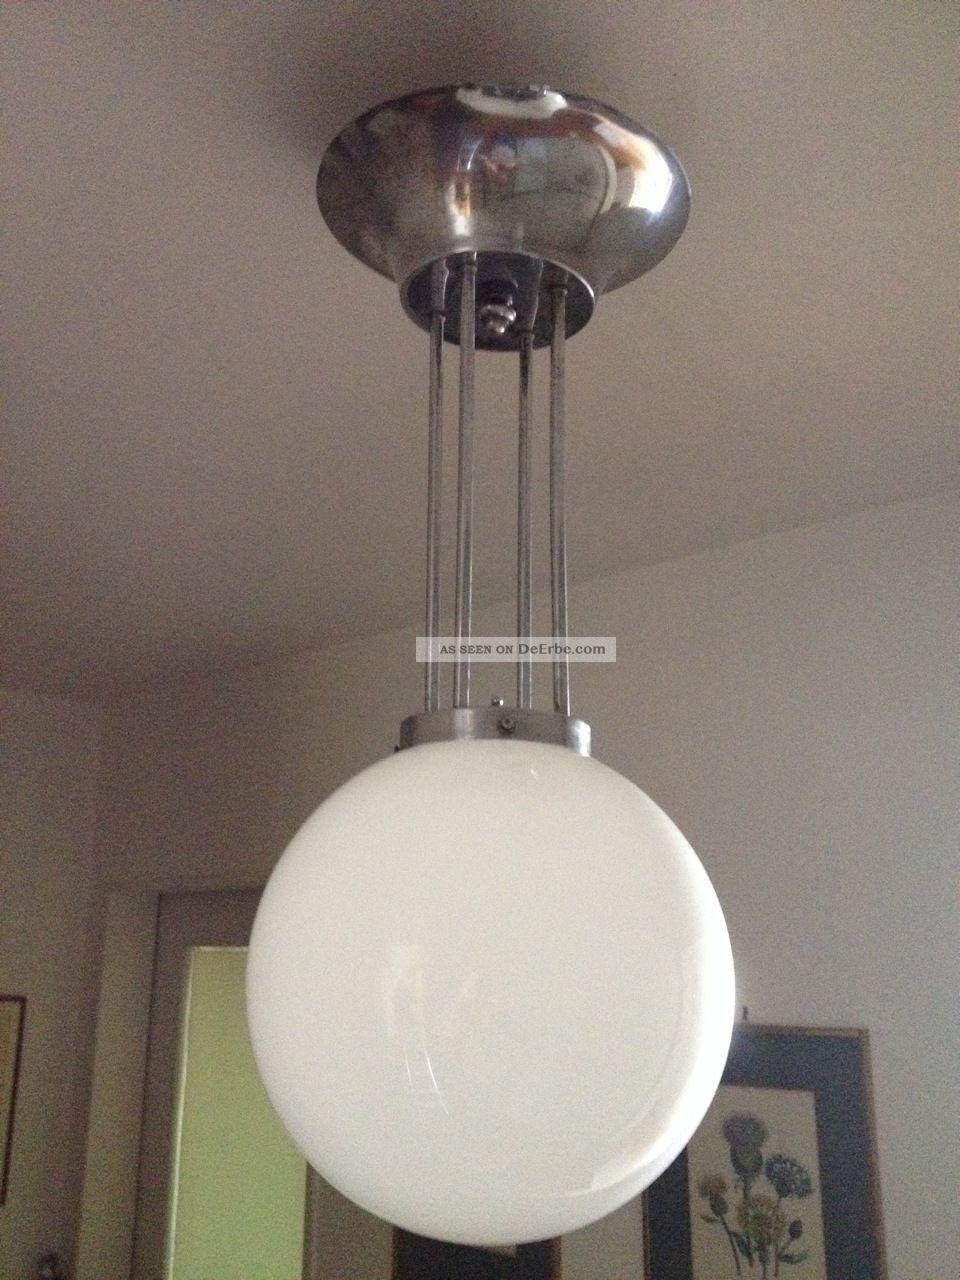 deckenlampe design bauhaus art deco stil. Black Bedroom Furniture Sets. Home Design Ideas